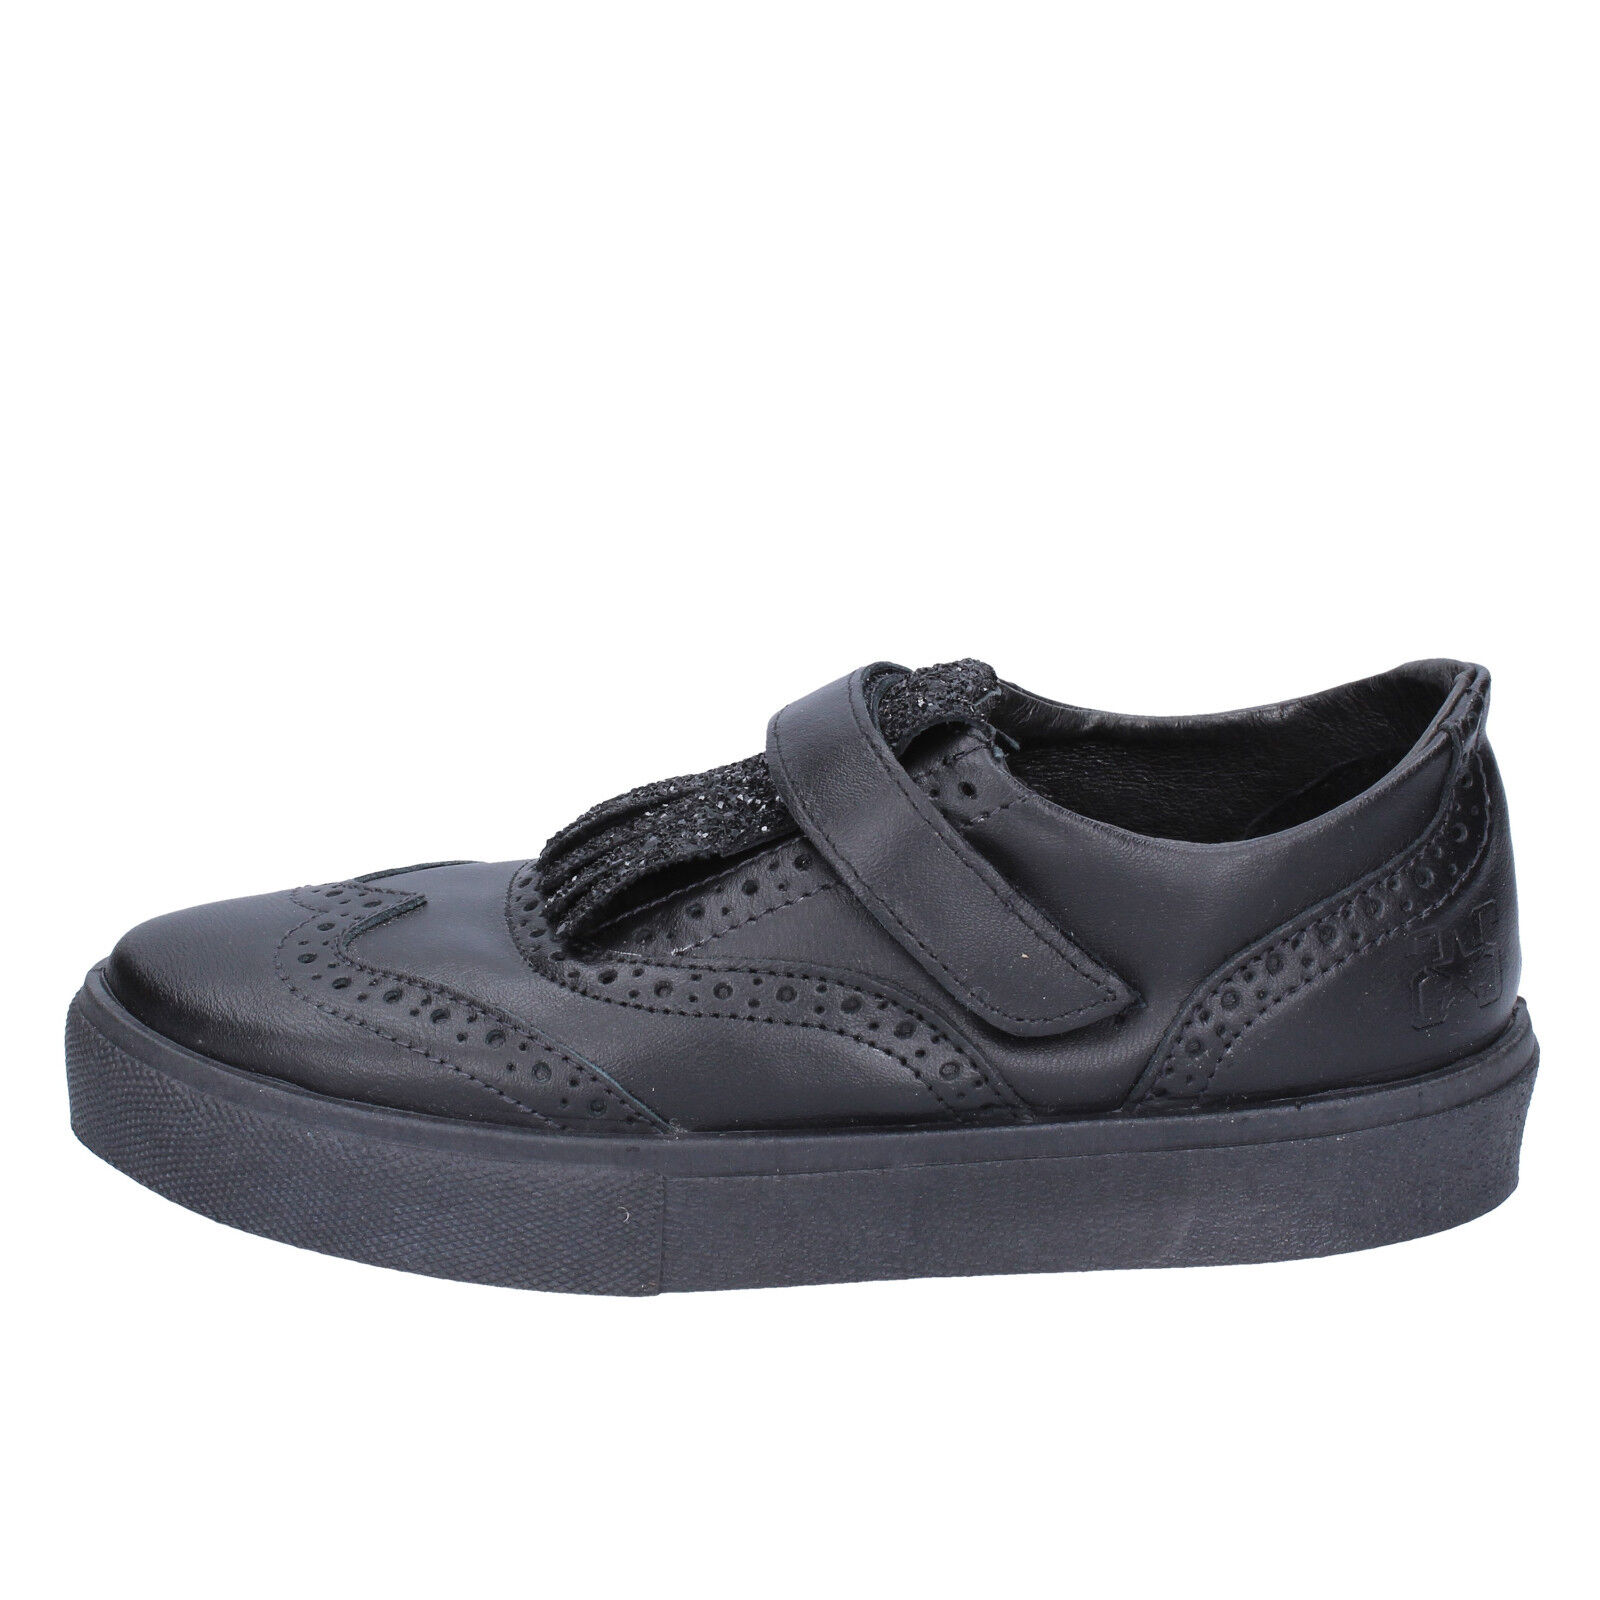 Scarpe EU donna 2 STAR 40 EU Scarpe scarpe da ginnastica nero pelle glitter BX380-40 9ea8b0